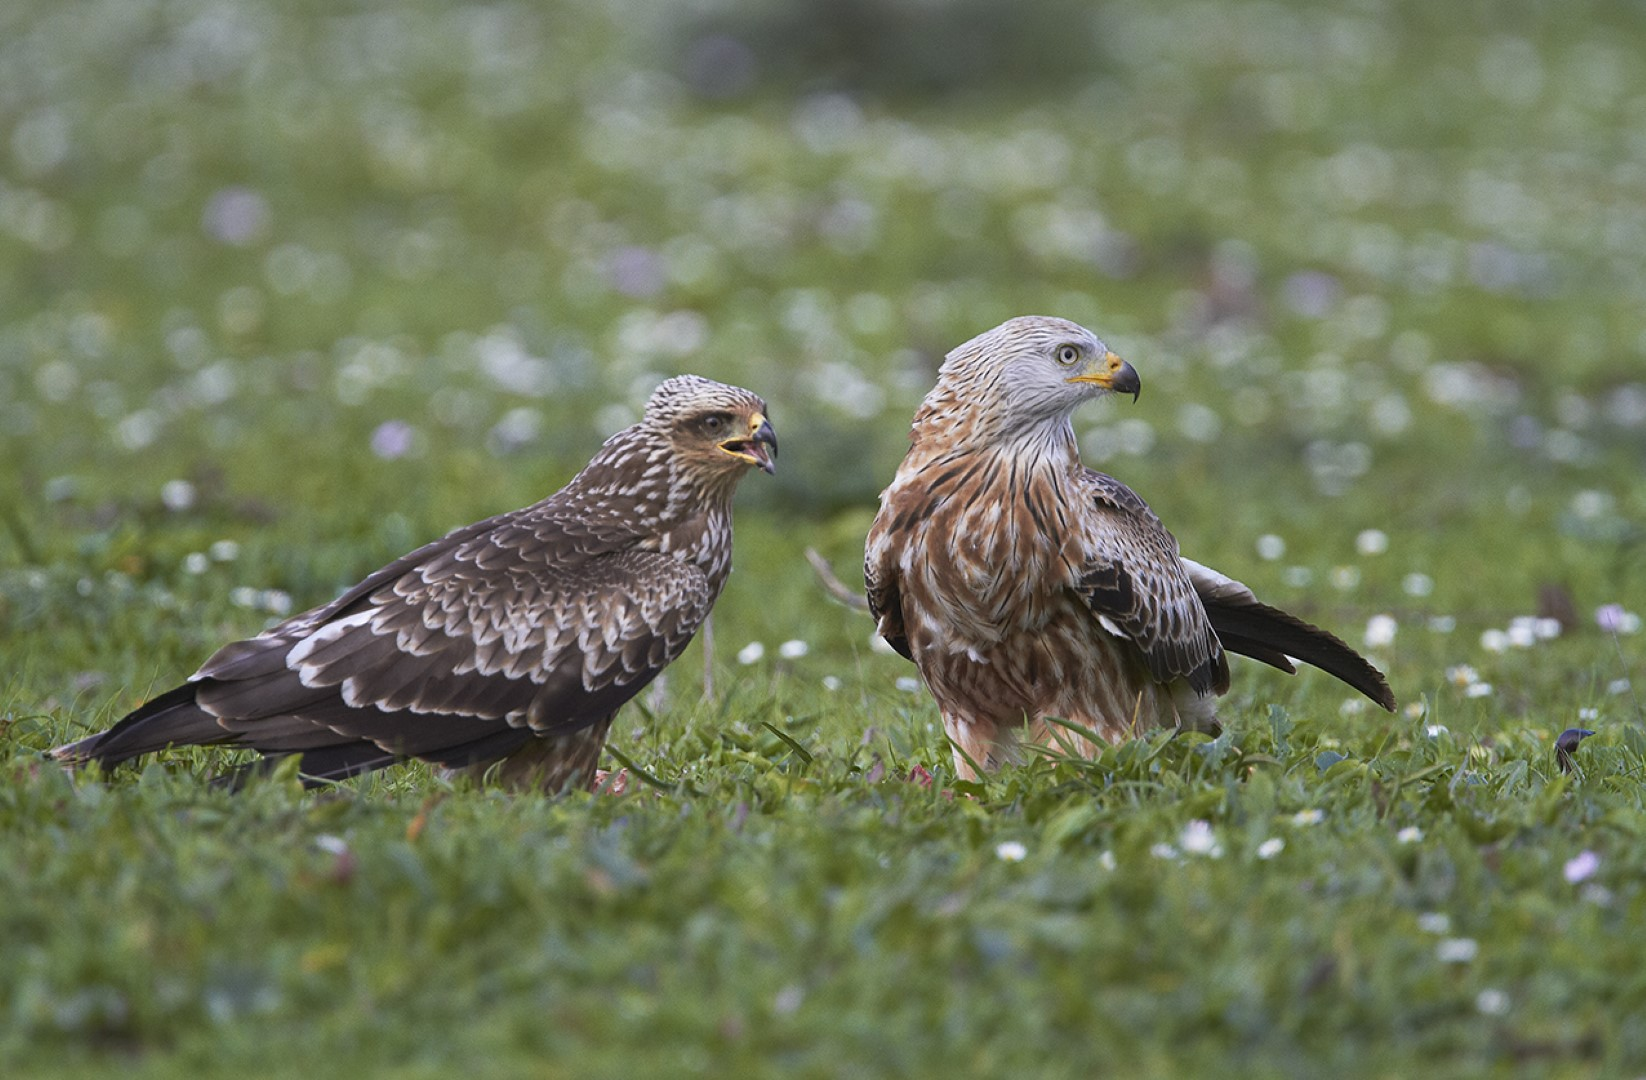 La Junta localiza por primera vez un nido de milano real en la provincia de Málaga